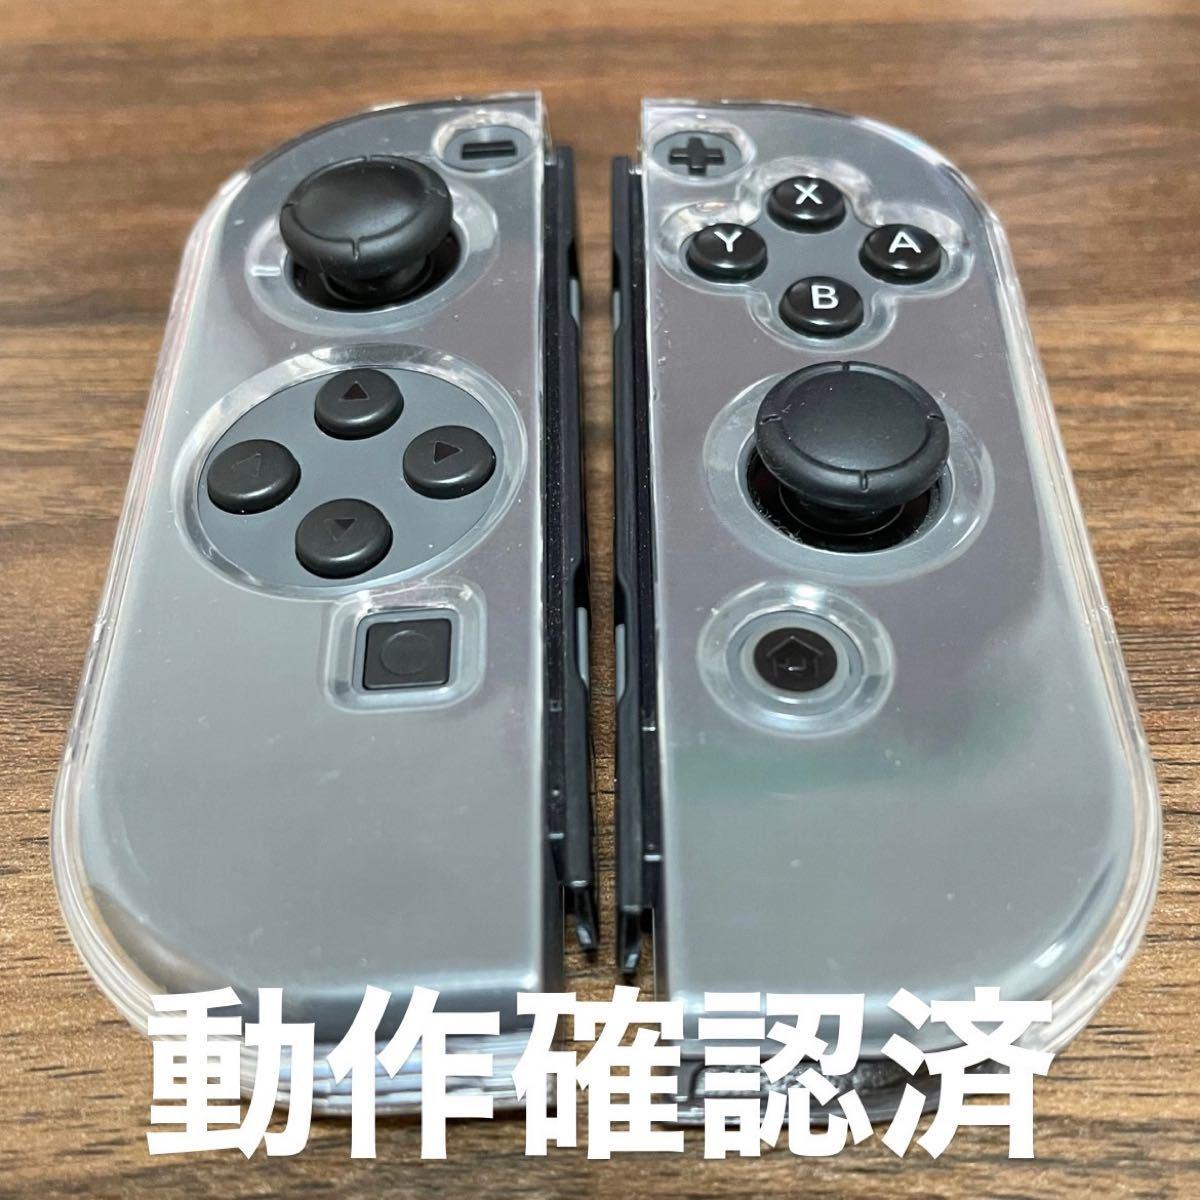 【動作確認済】Joy-Con ジョイコン グレー(L) グレー(R) Nintendo Switch クリアケース付き